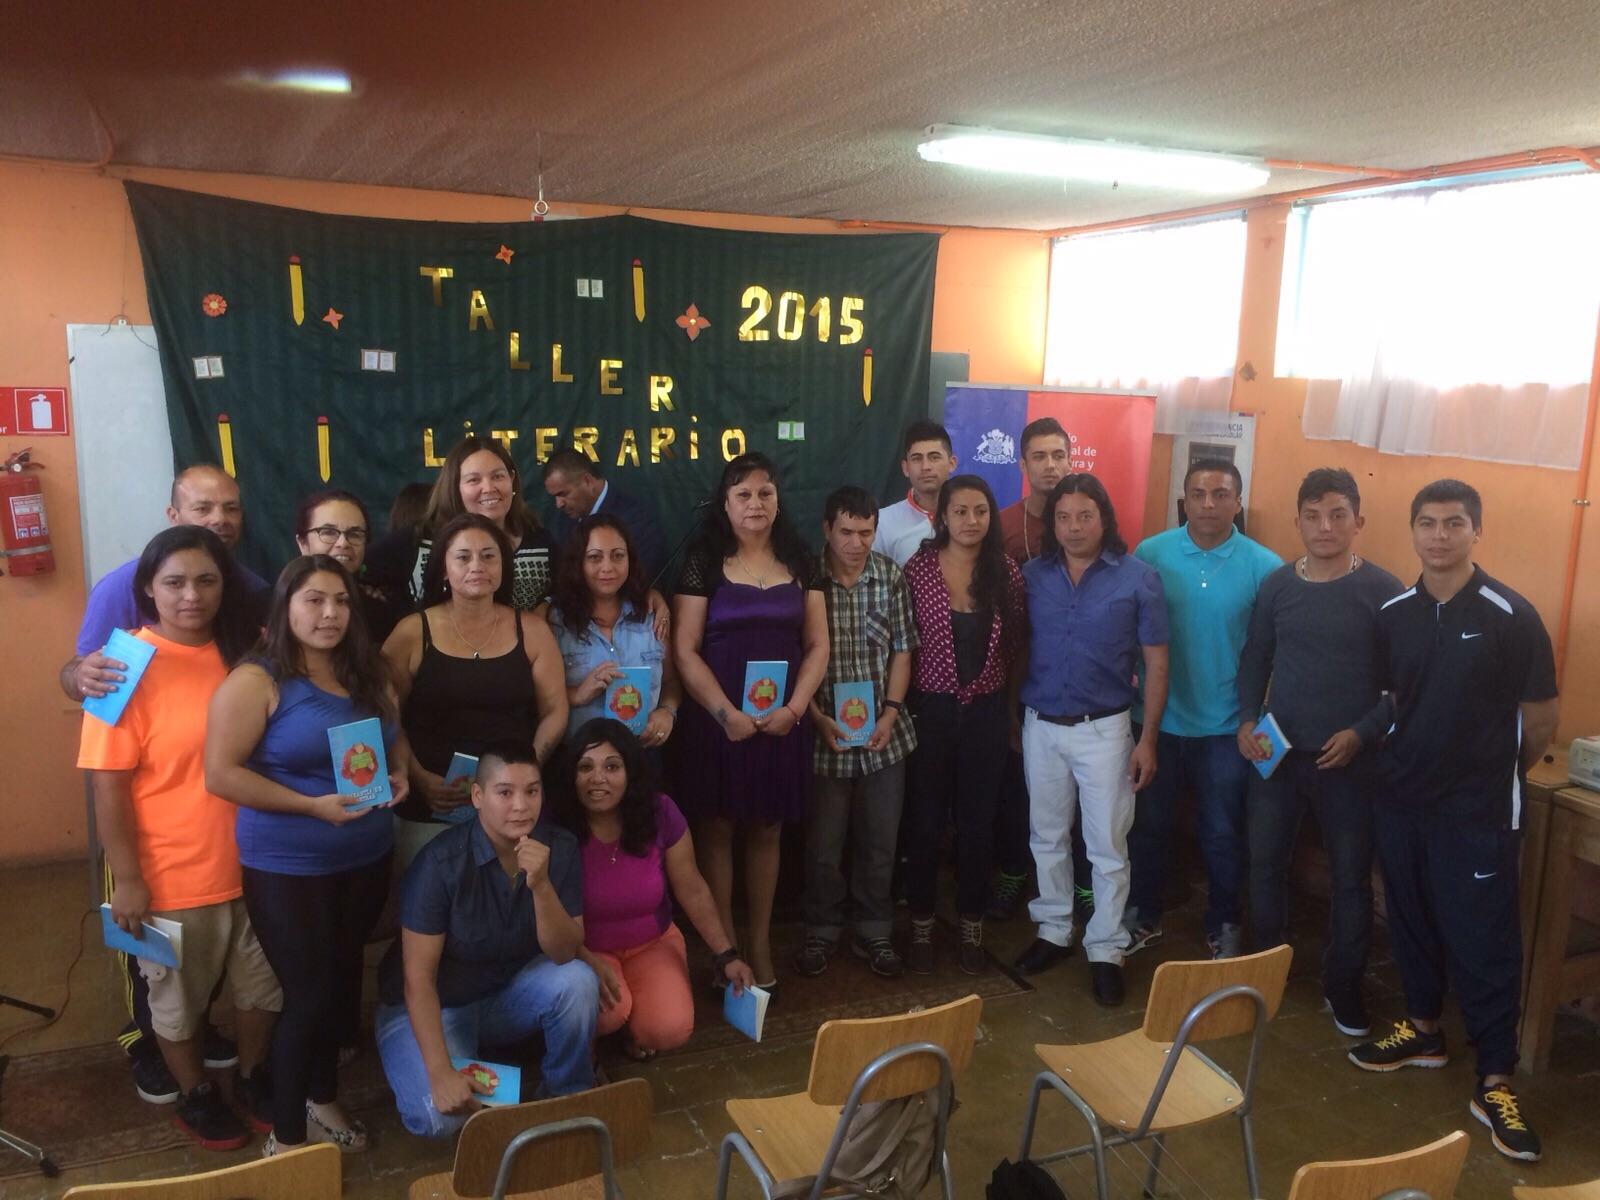 Directora de Cultura realiza cierre de Taller Literario en Vallenar